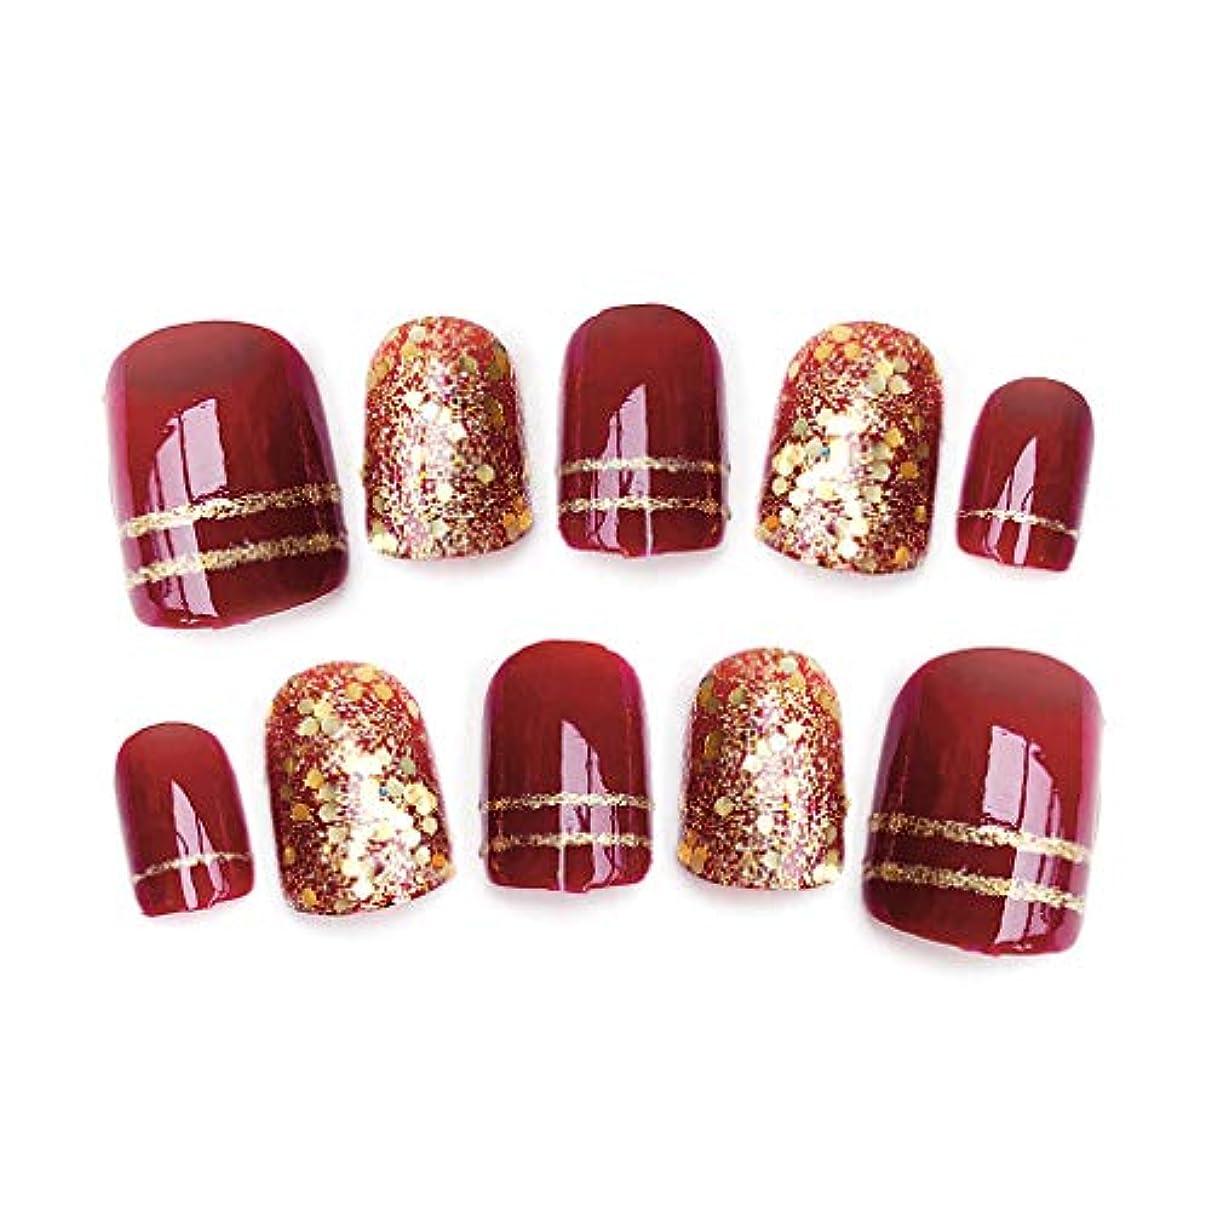 改修困ったまともなSharring 24pcs光沢のある赤い偽の指の爪光沢のある花嫁結婚式ショートデザイン偽ネイルアートのヒント [並行輸入品]